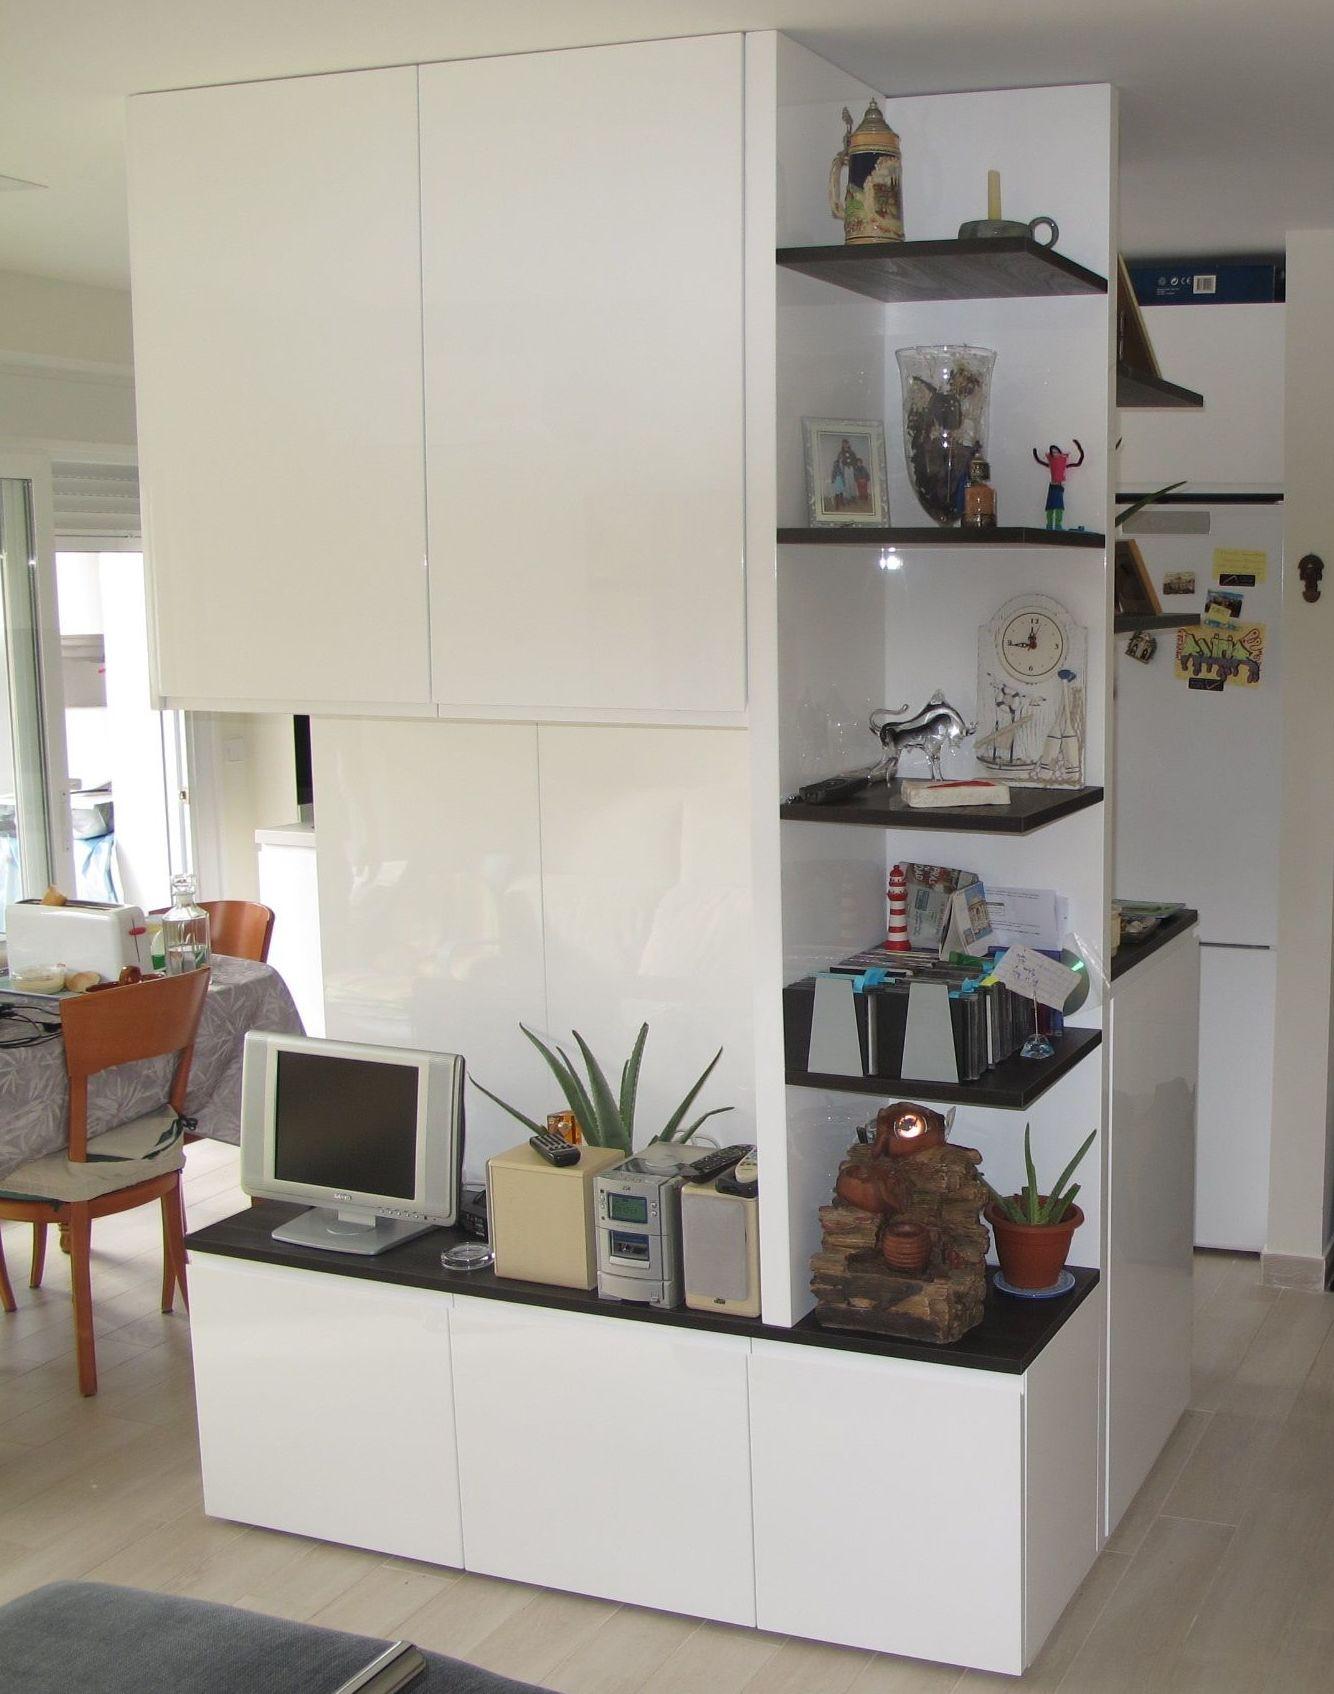 Muebles de cocina proyecto realizado en carabanchel - Muebles cocina catalogo ...